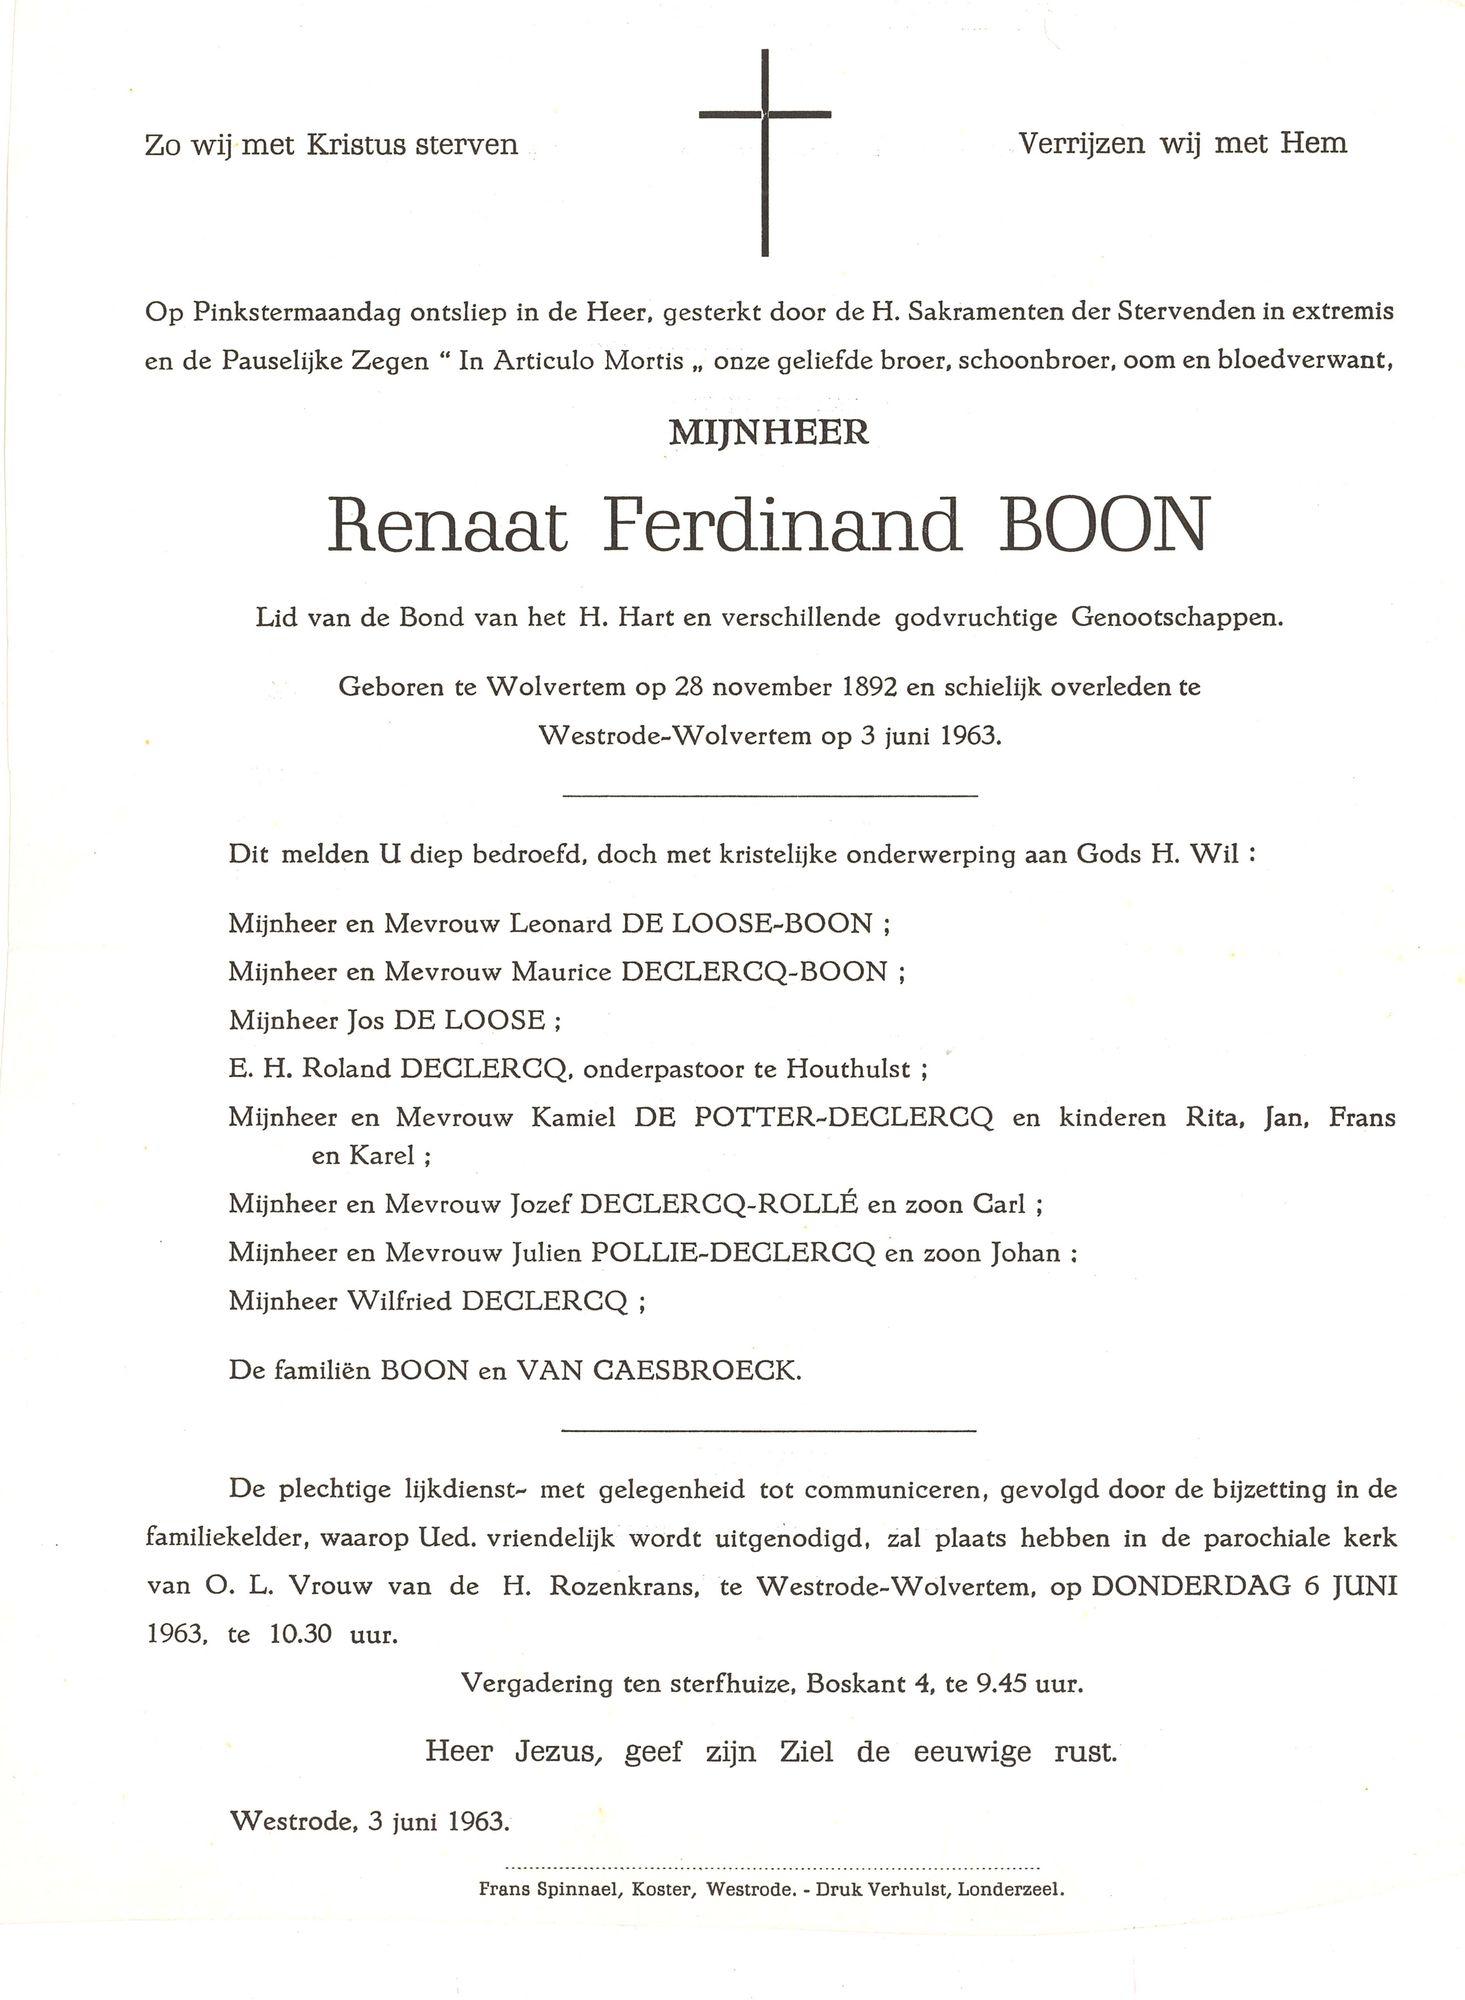 Renaat Ferdinand Boon